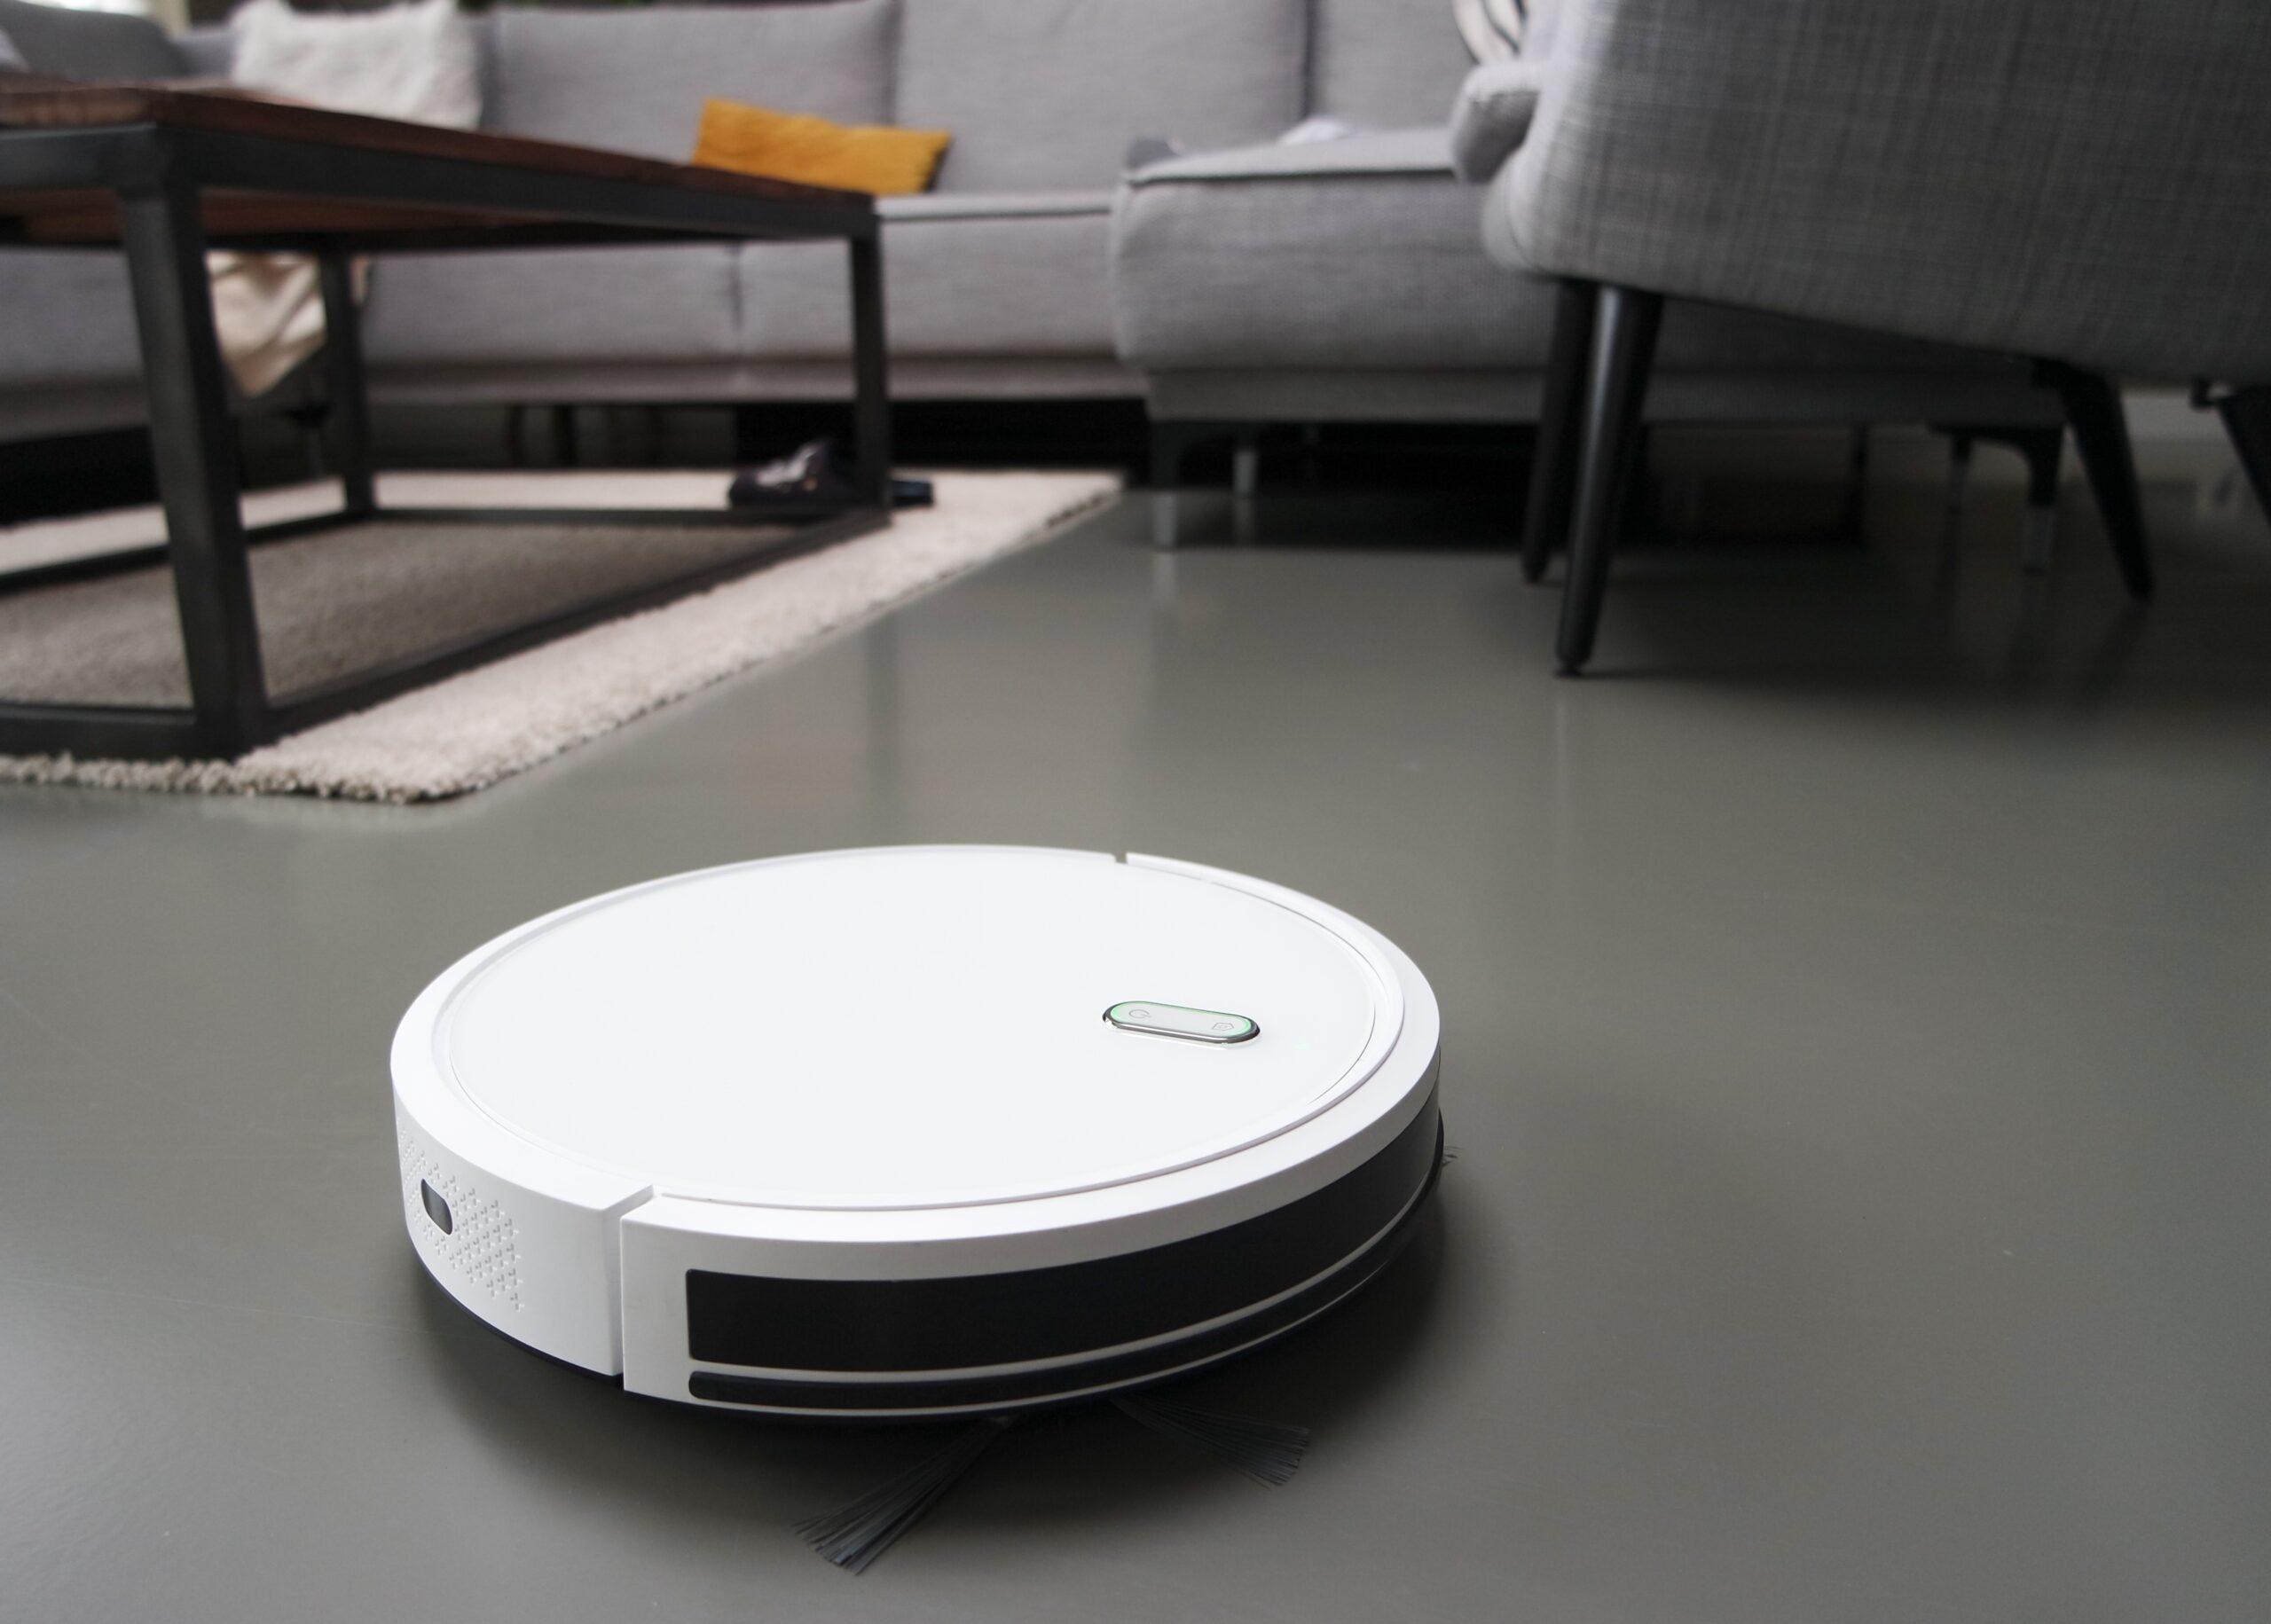 vacuum cleaner wireless technology robot modern interior design house cleaning floor cleaning t20 gLGpWG - Robot-Clean der biologische, universelle Duft Reiniger(Sandelholz) zum Mischen